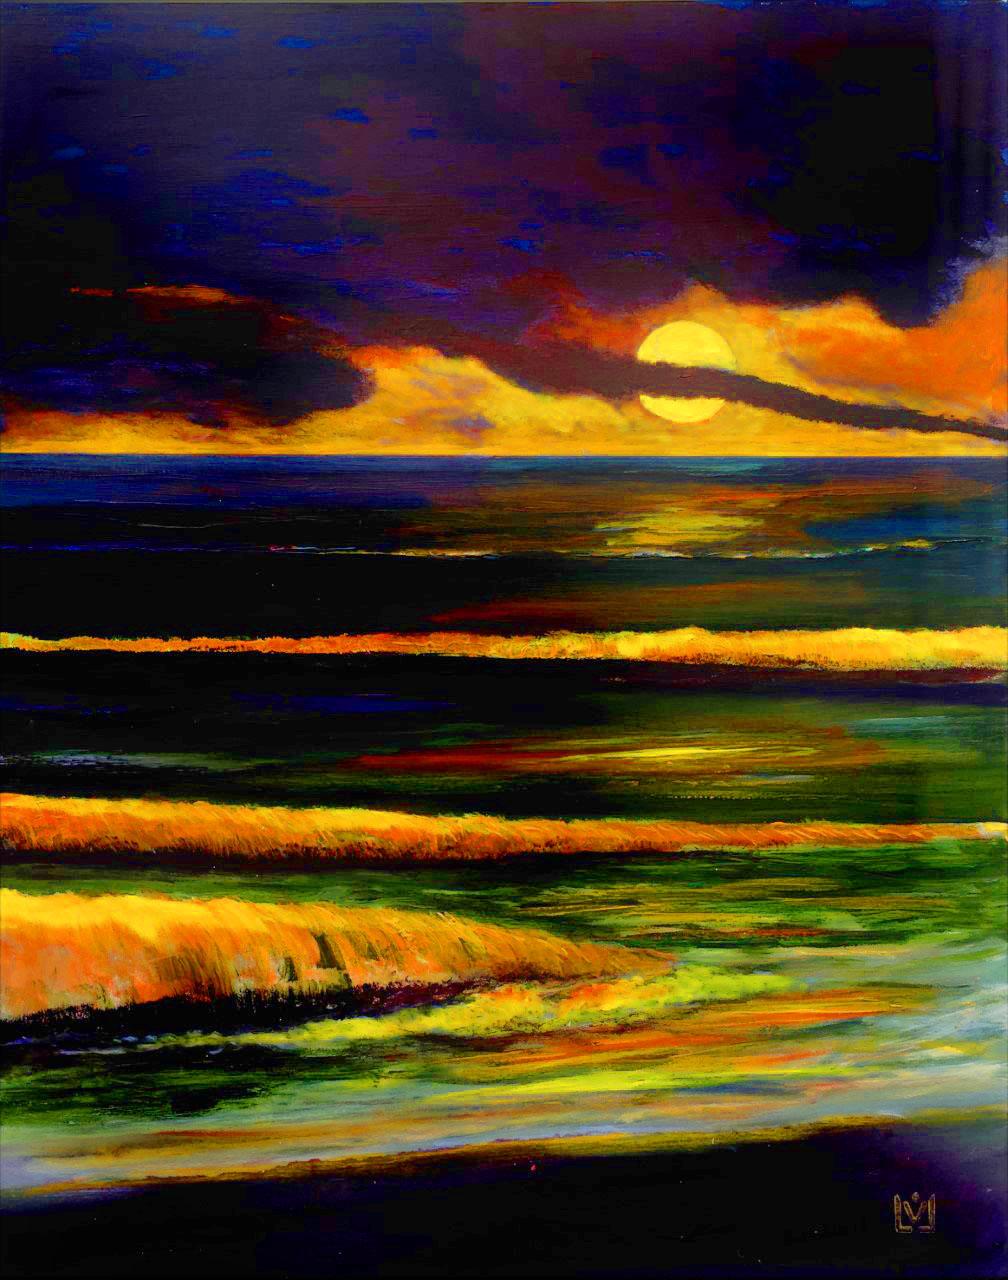 Nacht am Meer  100 x 80 cm Acryl auf Leinwand im Besitz von Heike Beutel und Harald Gieche, Köln